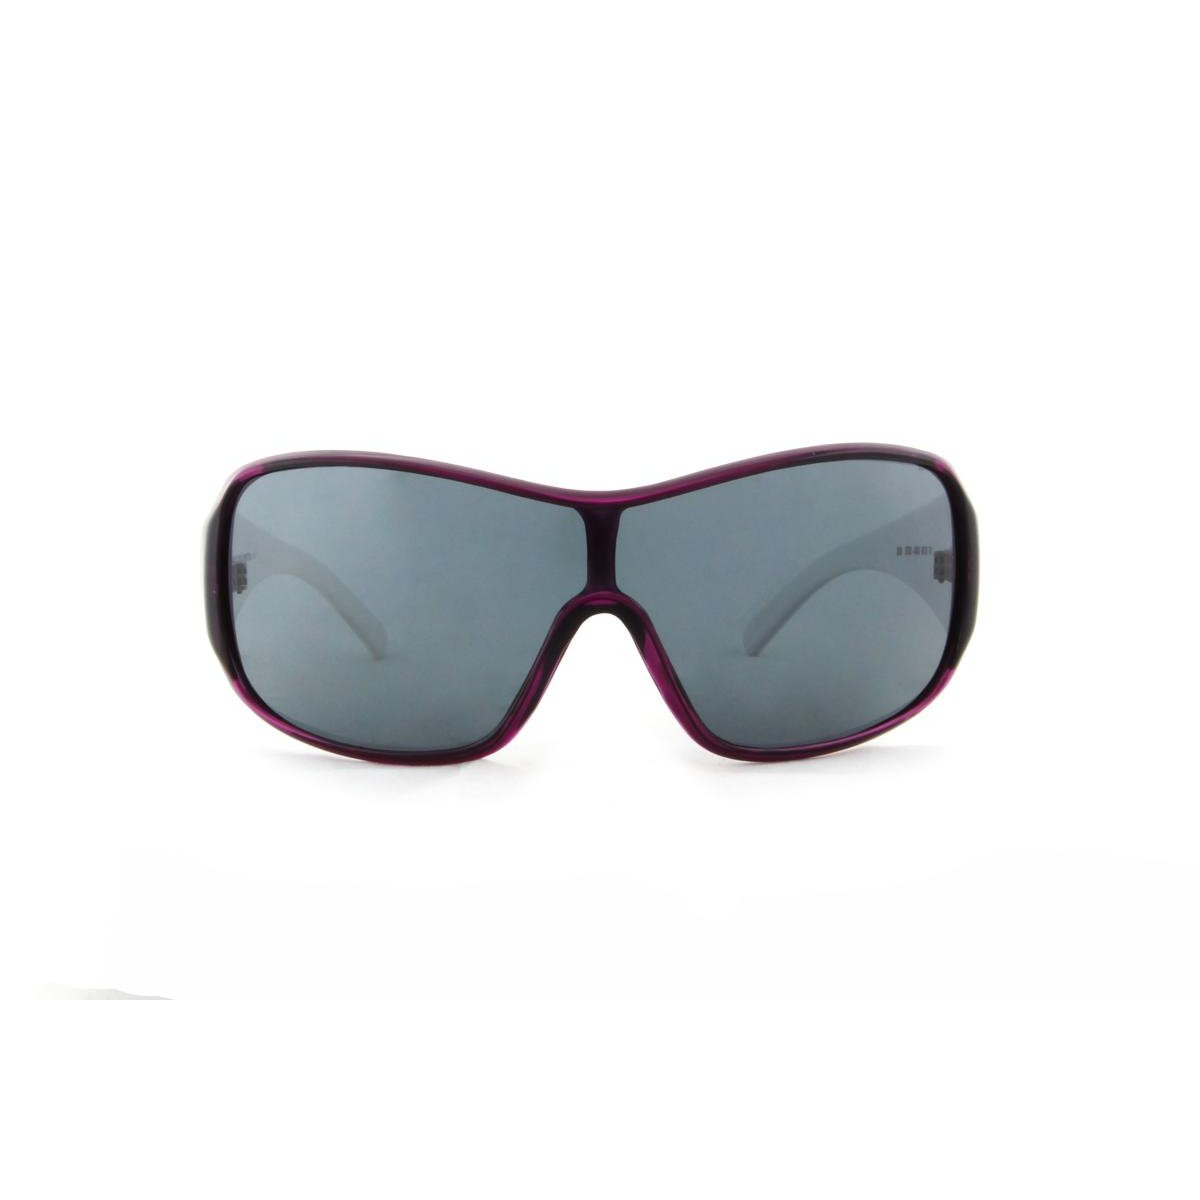 c8fd6030360ba Óculos de Sol Benetton Acetato e Lente Feminino - Compre Agora   Zattini